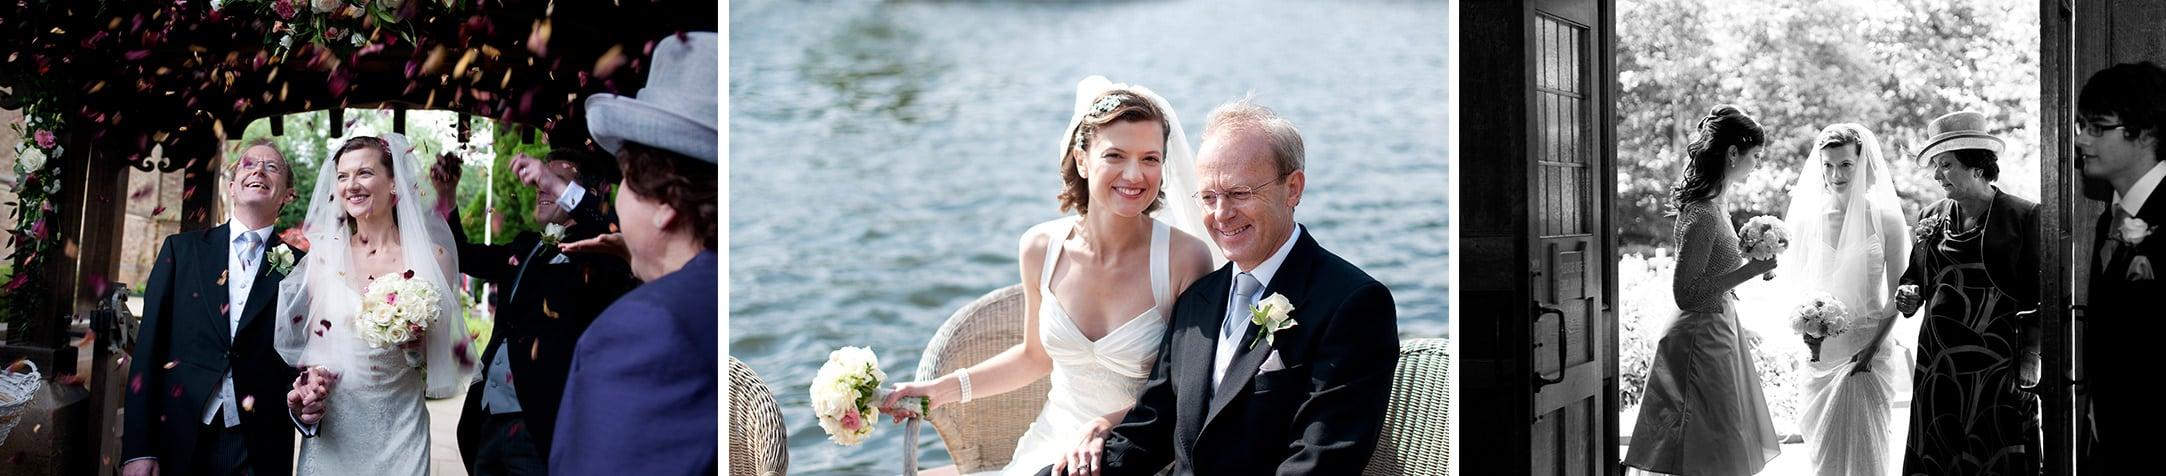 Kingston Upon Thames Wedding Photography